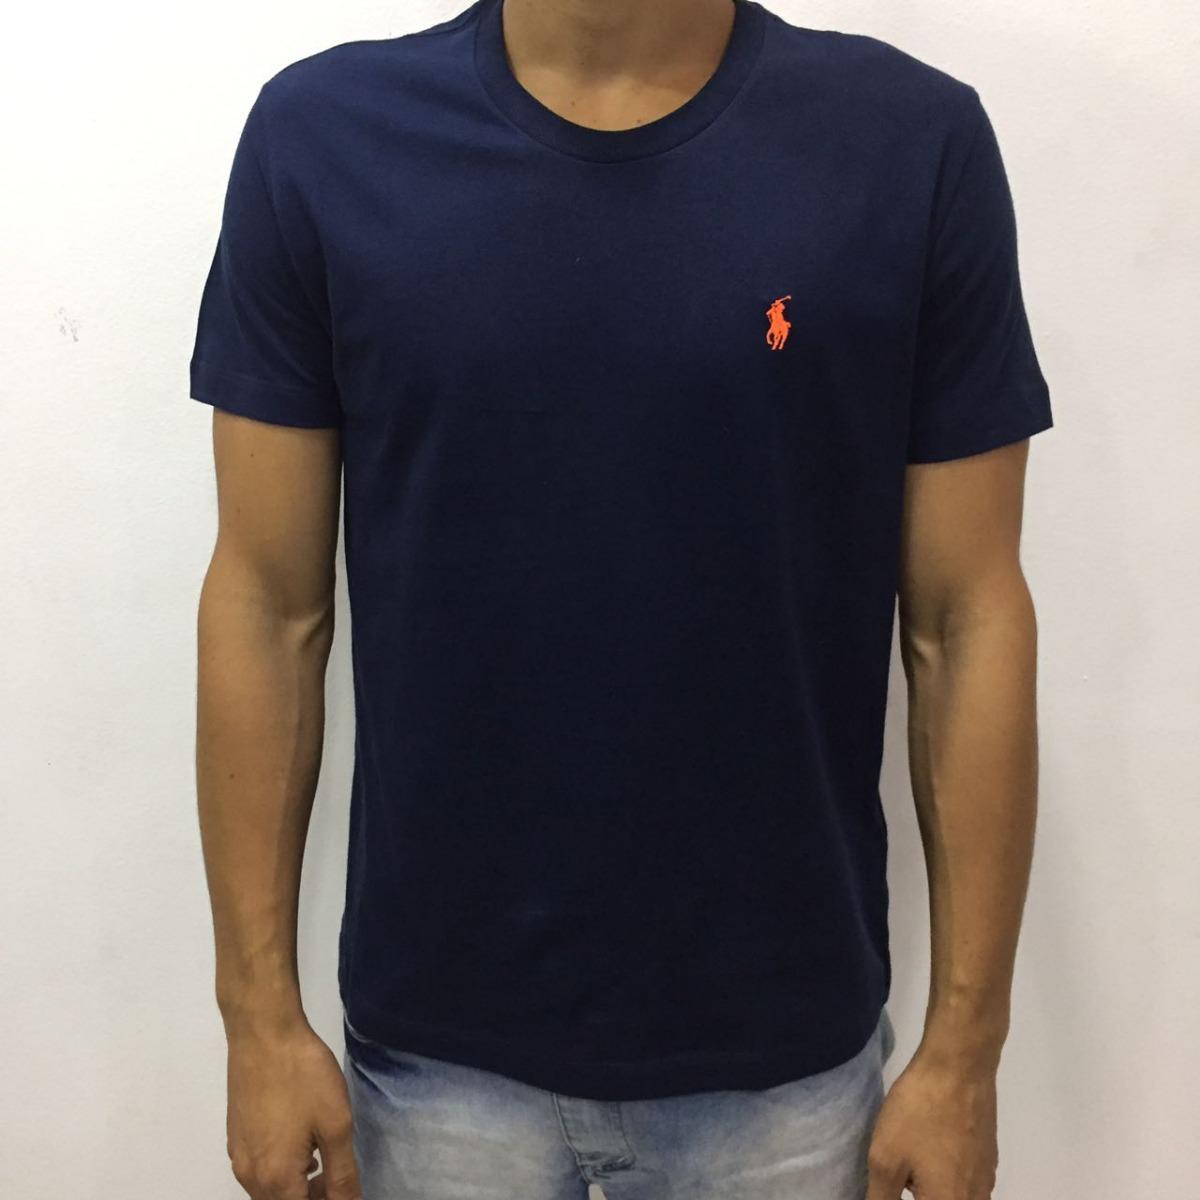 06b20bec2a9b9 kit 4 camiseta polo ralph lauren original promoção importada. Carregando  zoom.